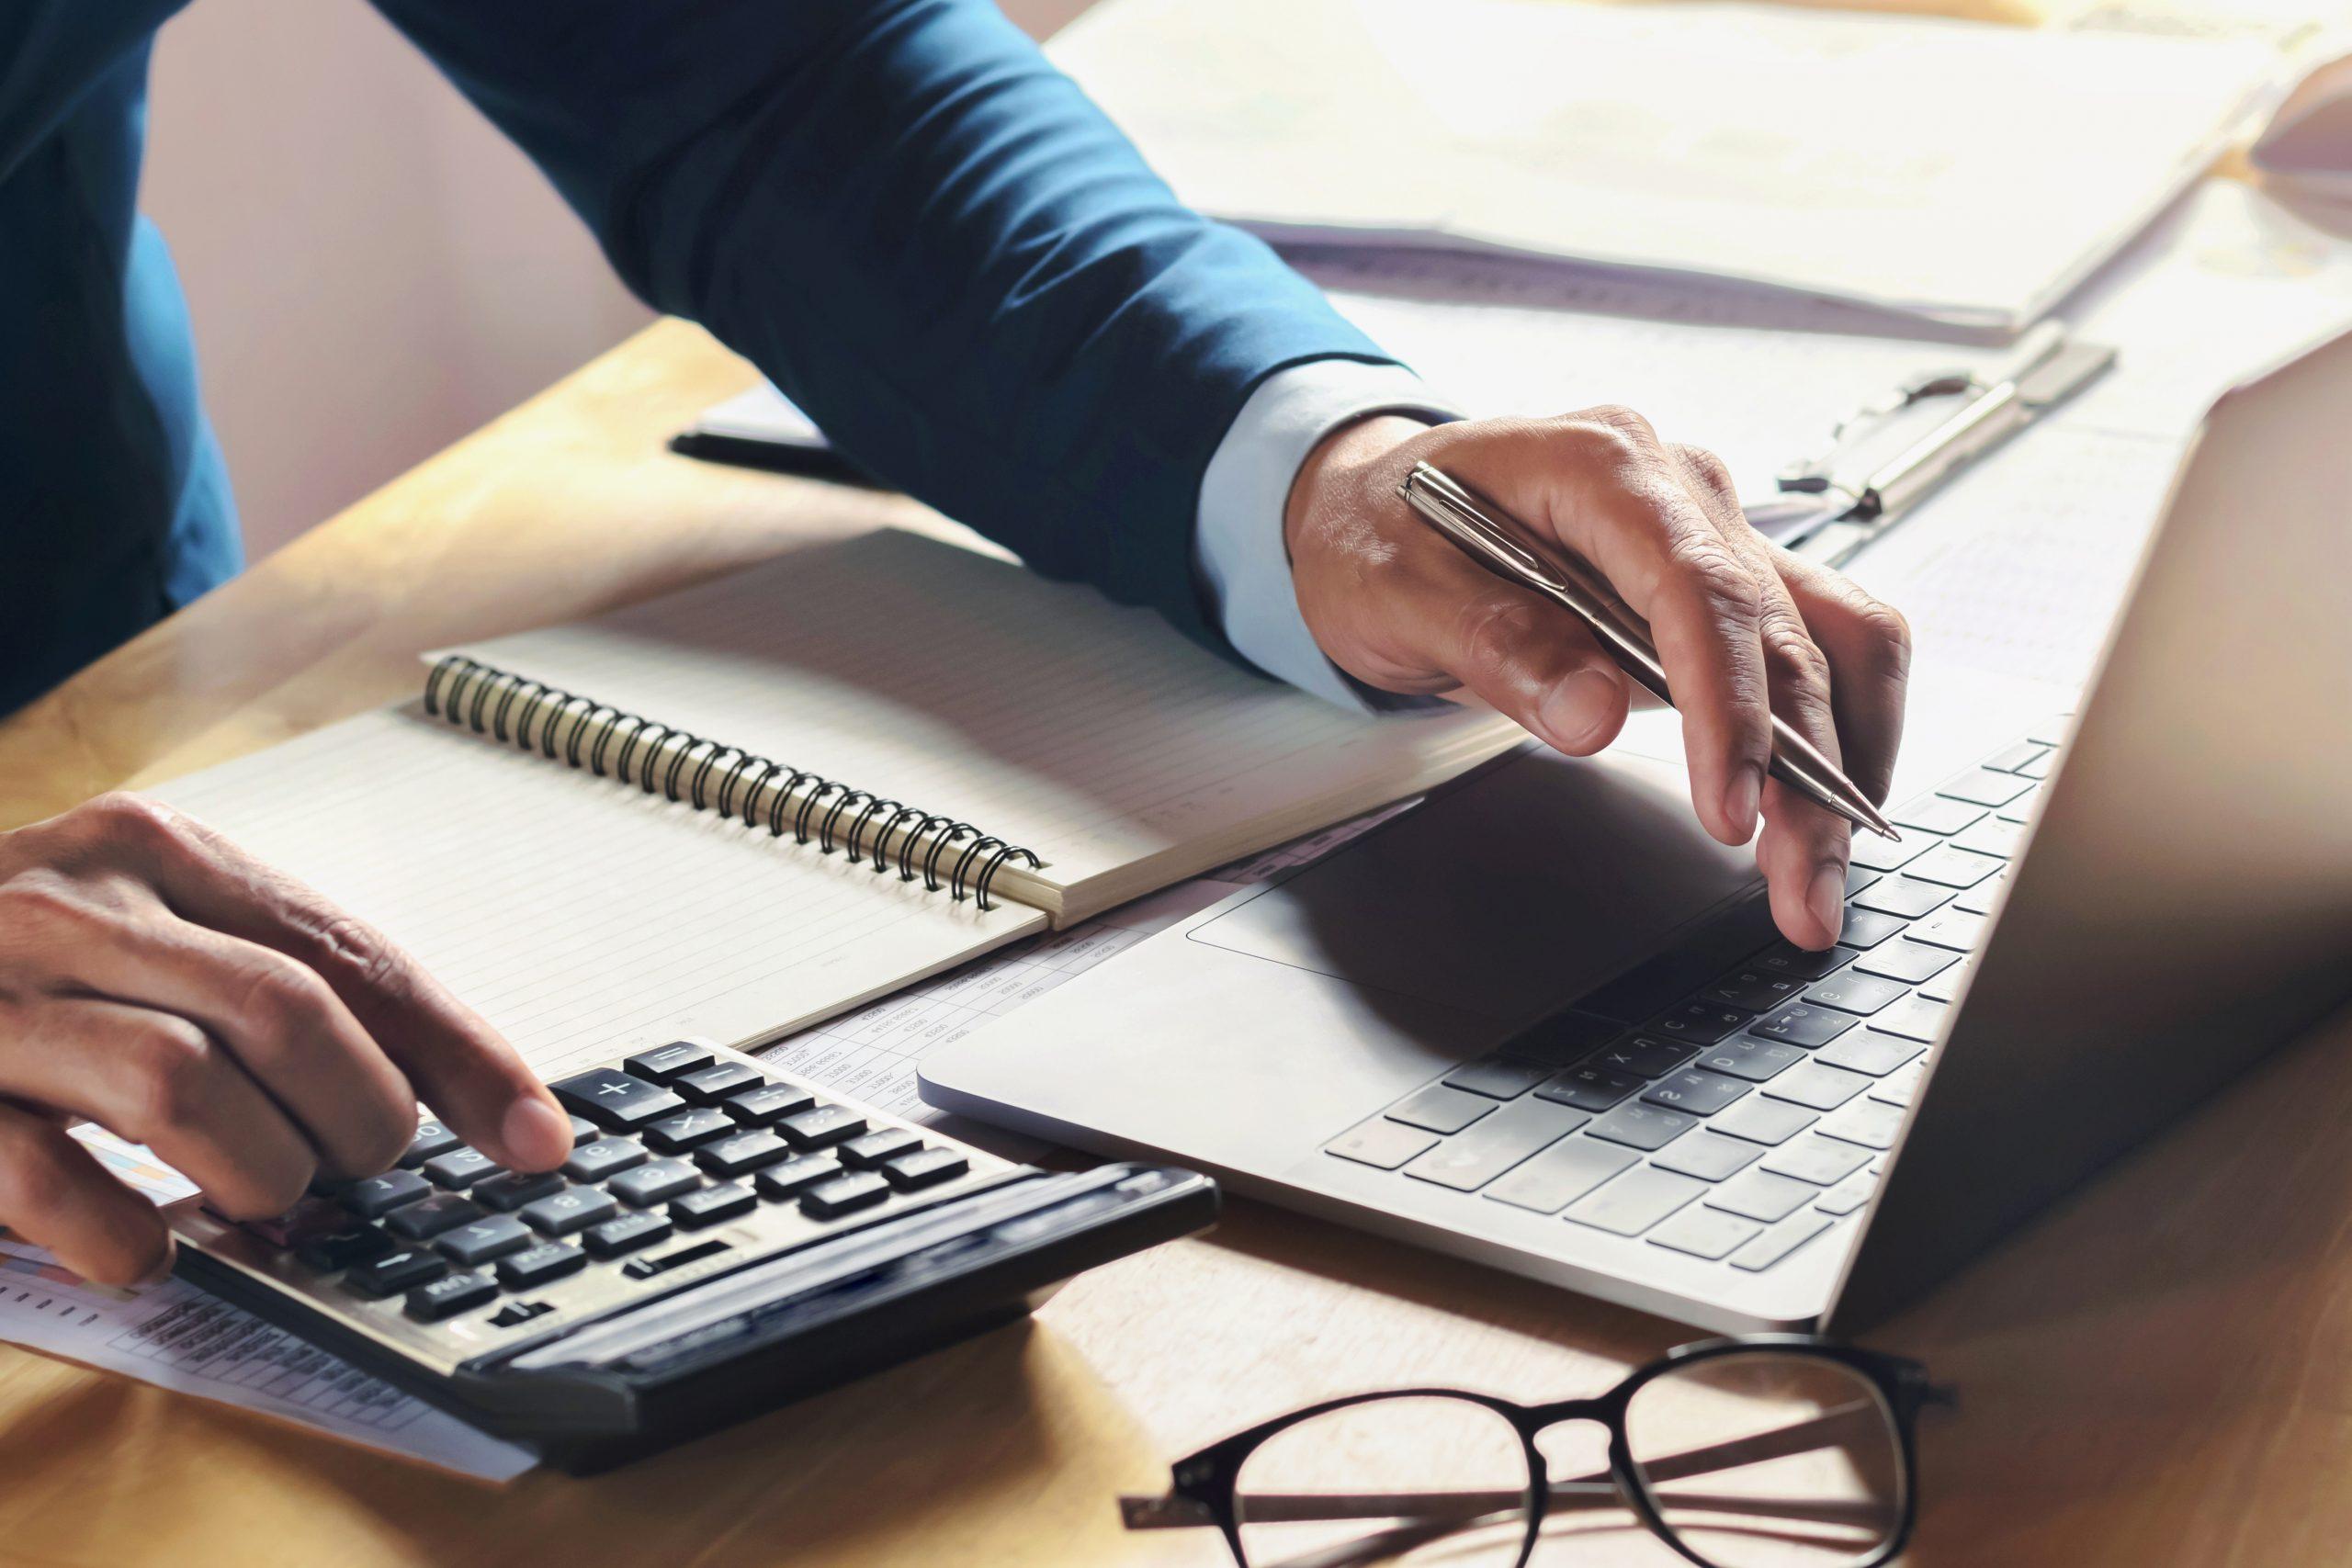 En forretningsmann som regner ut på kalkulator og datamaskin hva det koster å leie næringslokaler